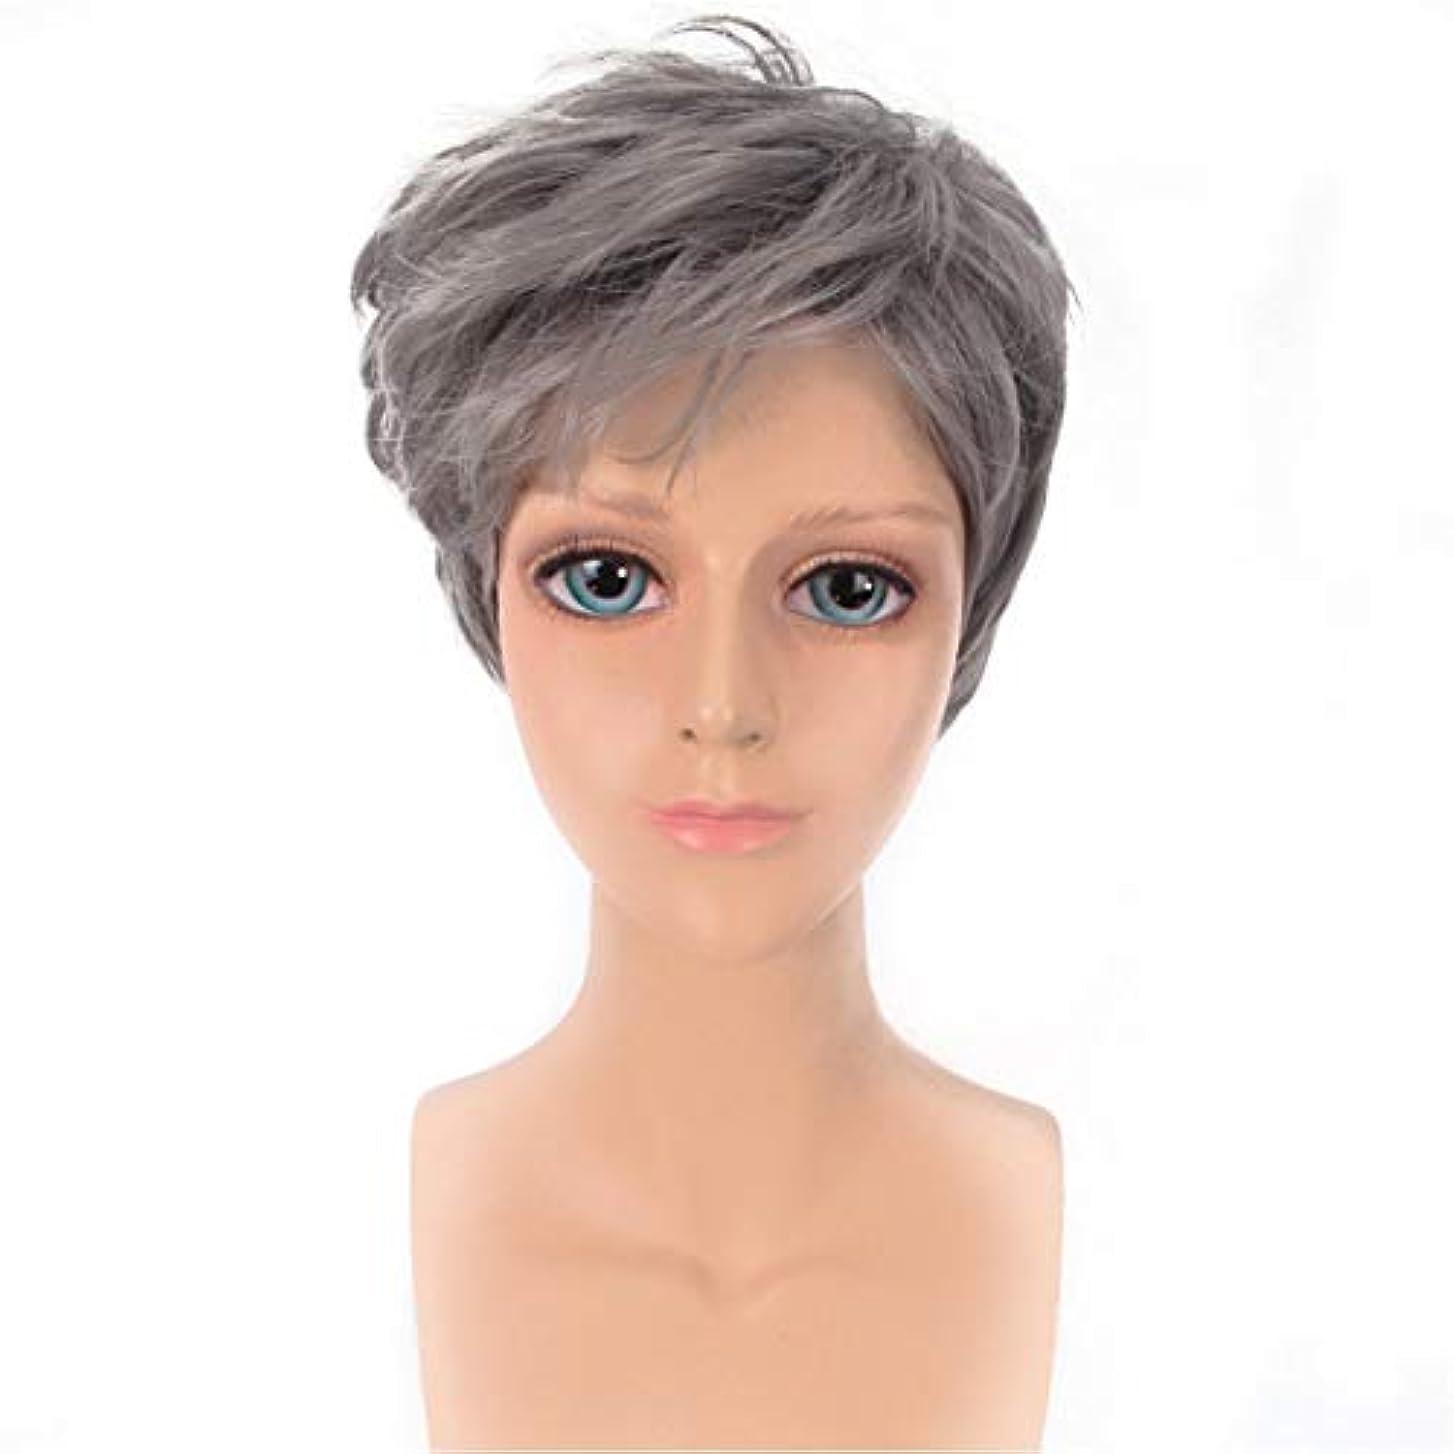 貢献避難する早くYOUQIU メンズかつらハンサムなグレー斜め前髪ショートストレートヘアウィッグ原宿COSウィッグウィッグ (色 : グレー)